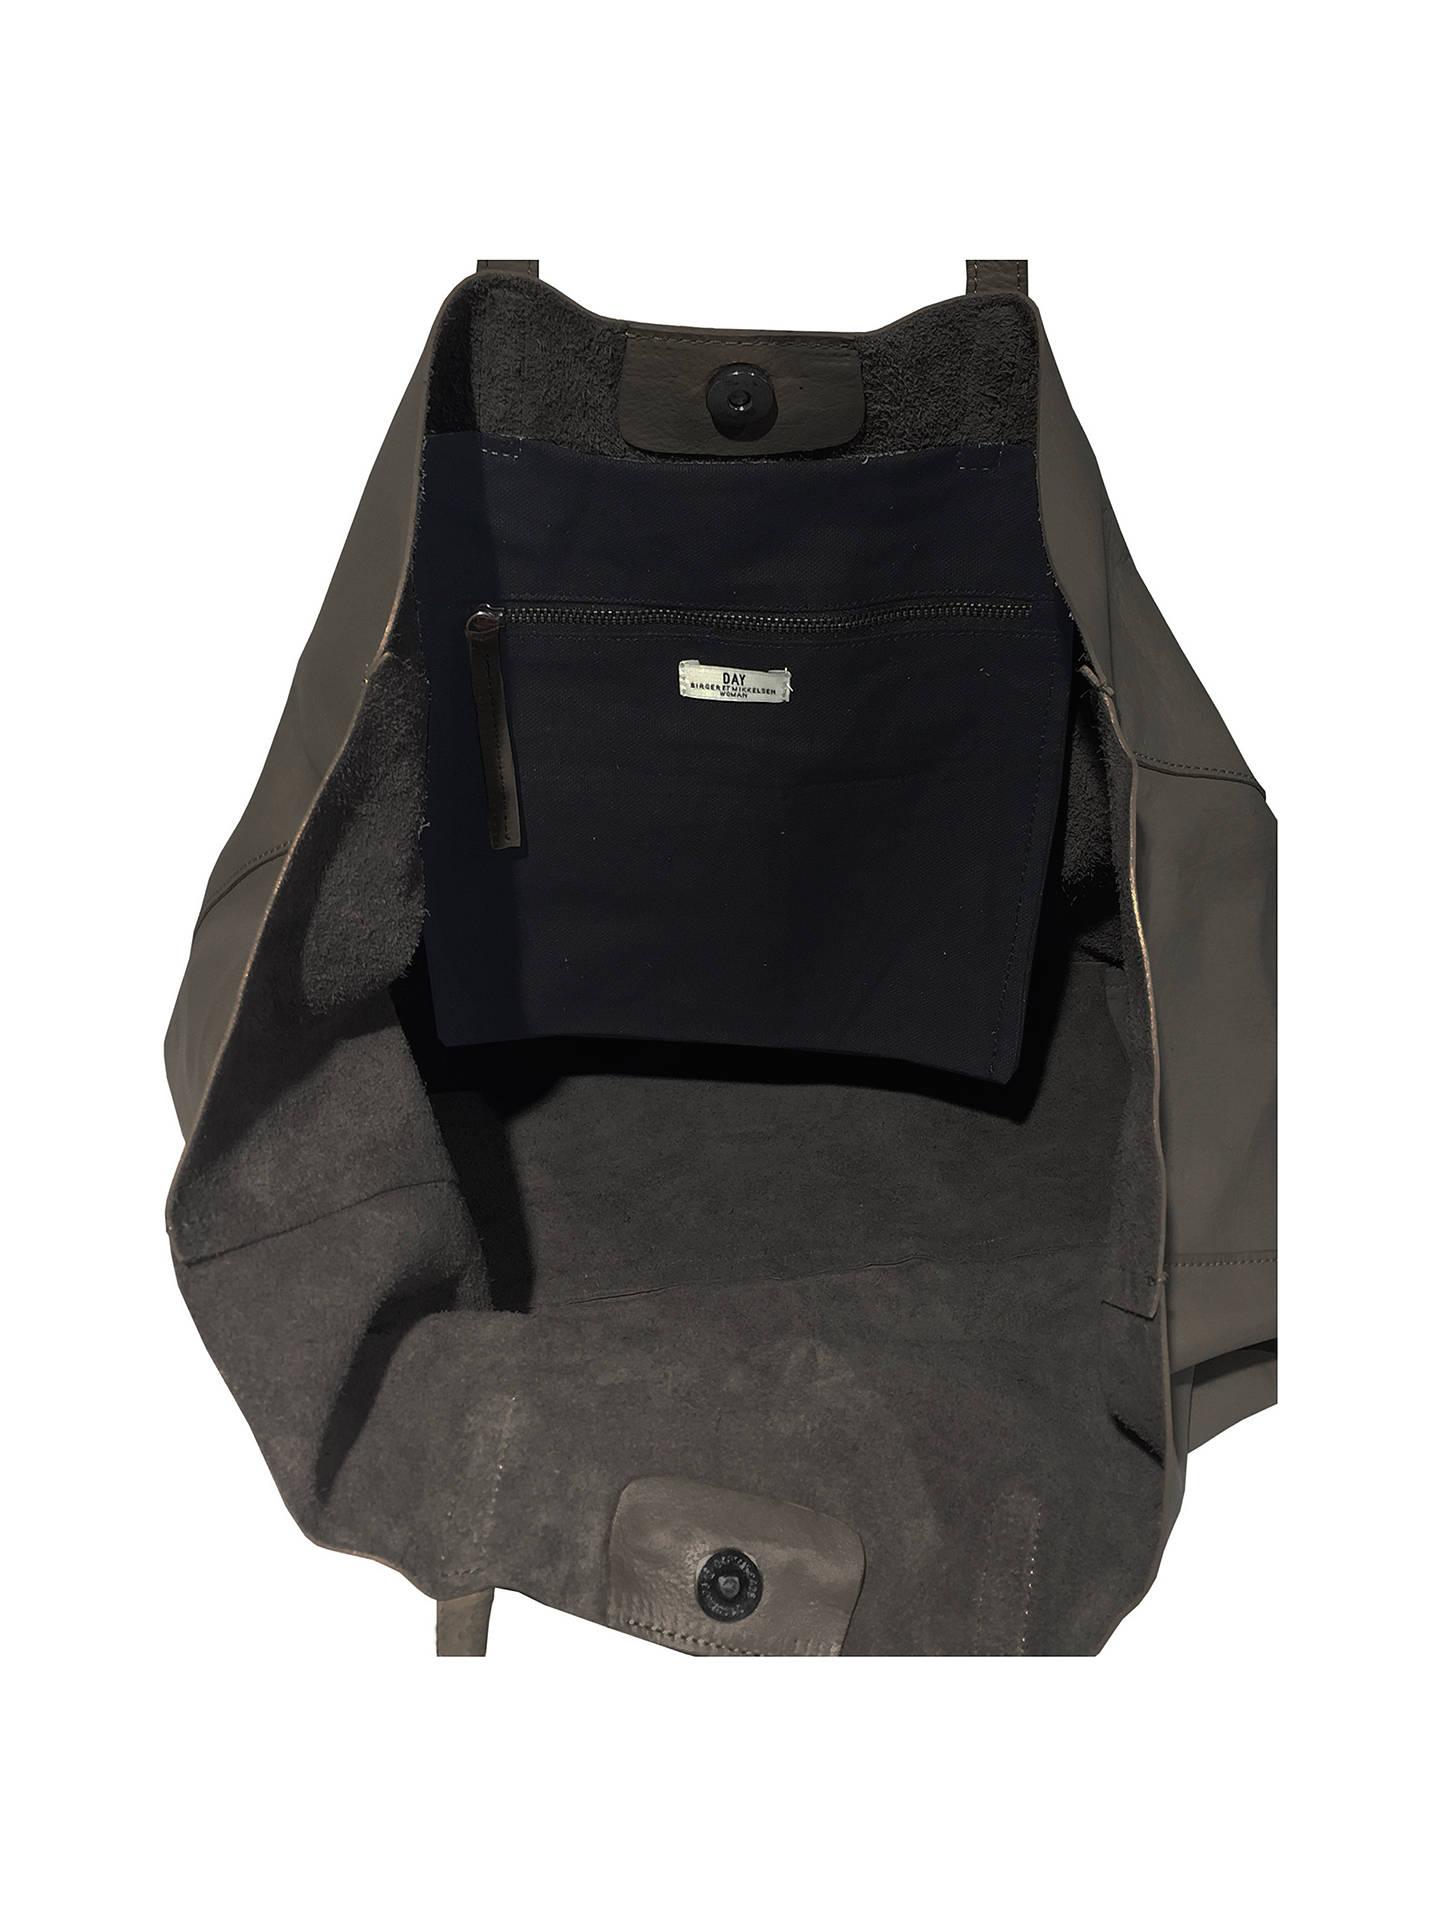 fa9c90f3d0 Et DAY Birger et Mikkelsen It Leather Shopper Bag at John Lewis ...